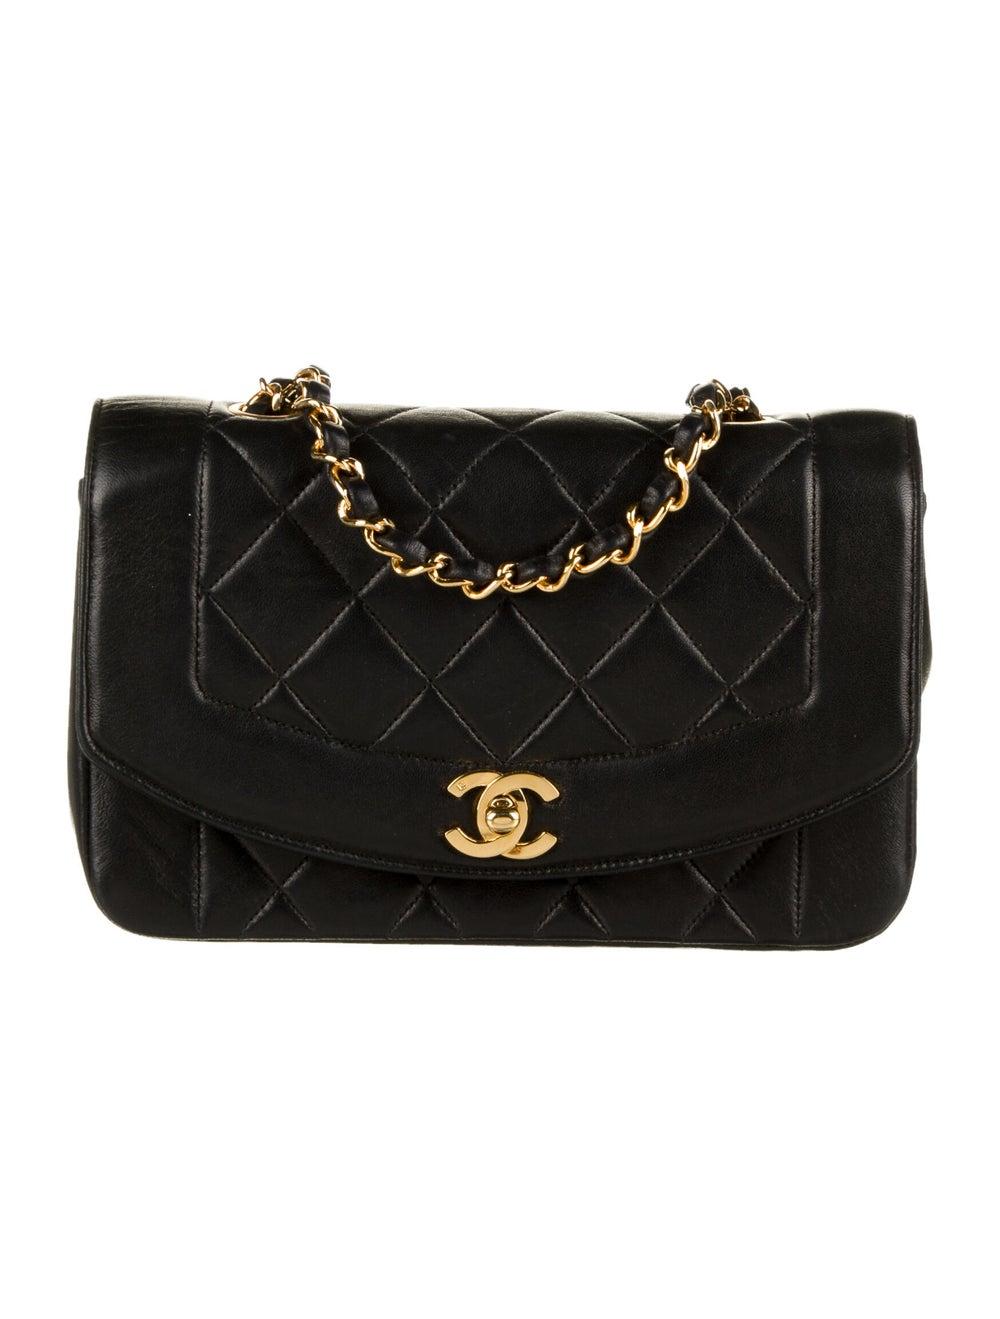 Chanel Vintage Diana Flap Bag Black - image 1